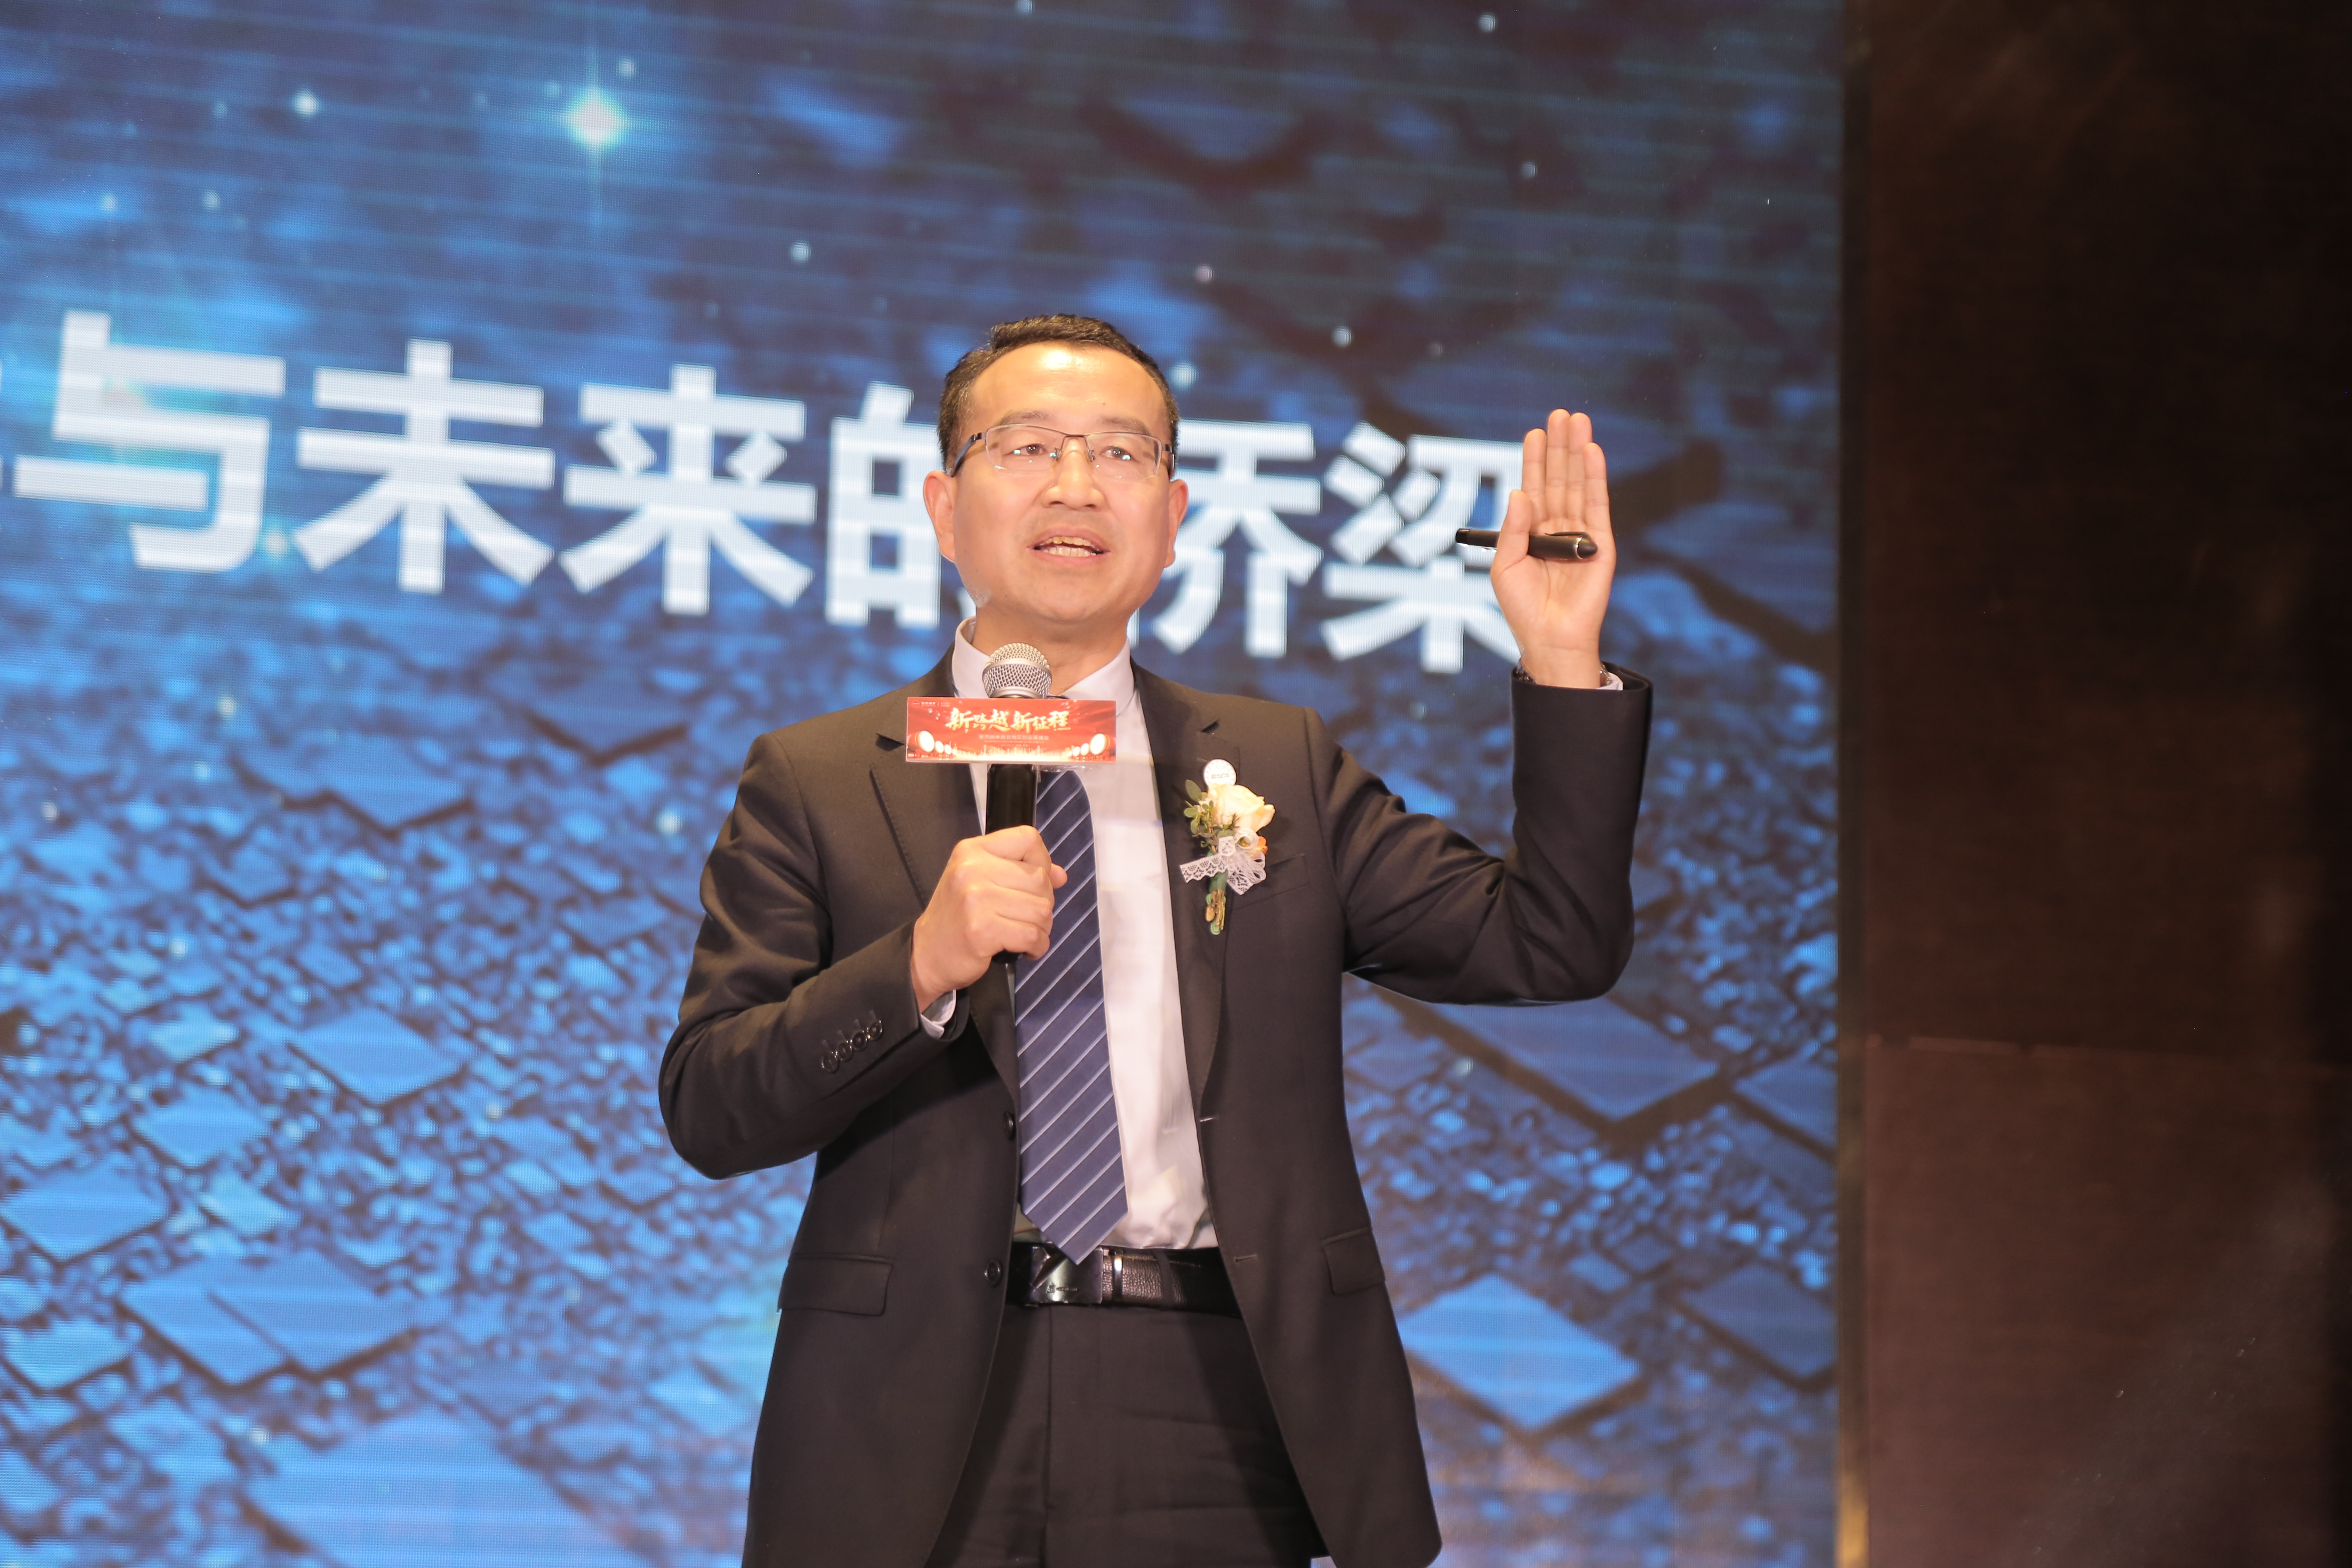 安然公司商学院特聘教授崔建平先生分享.JPG